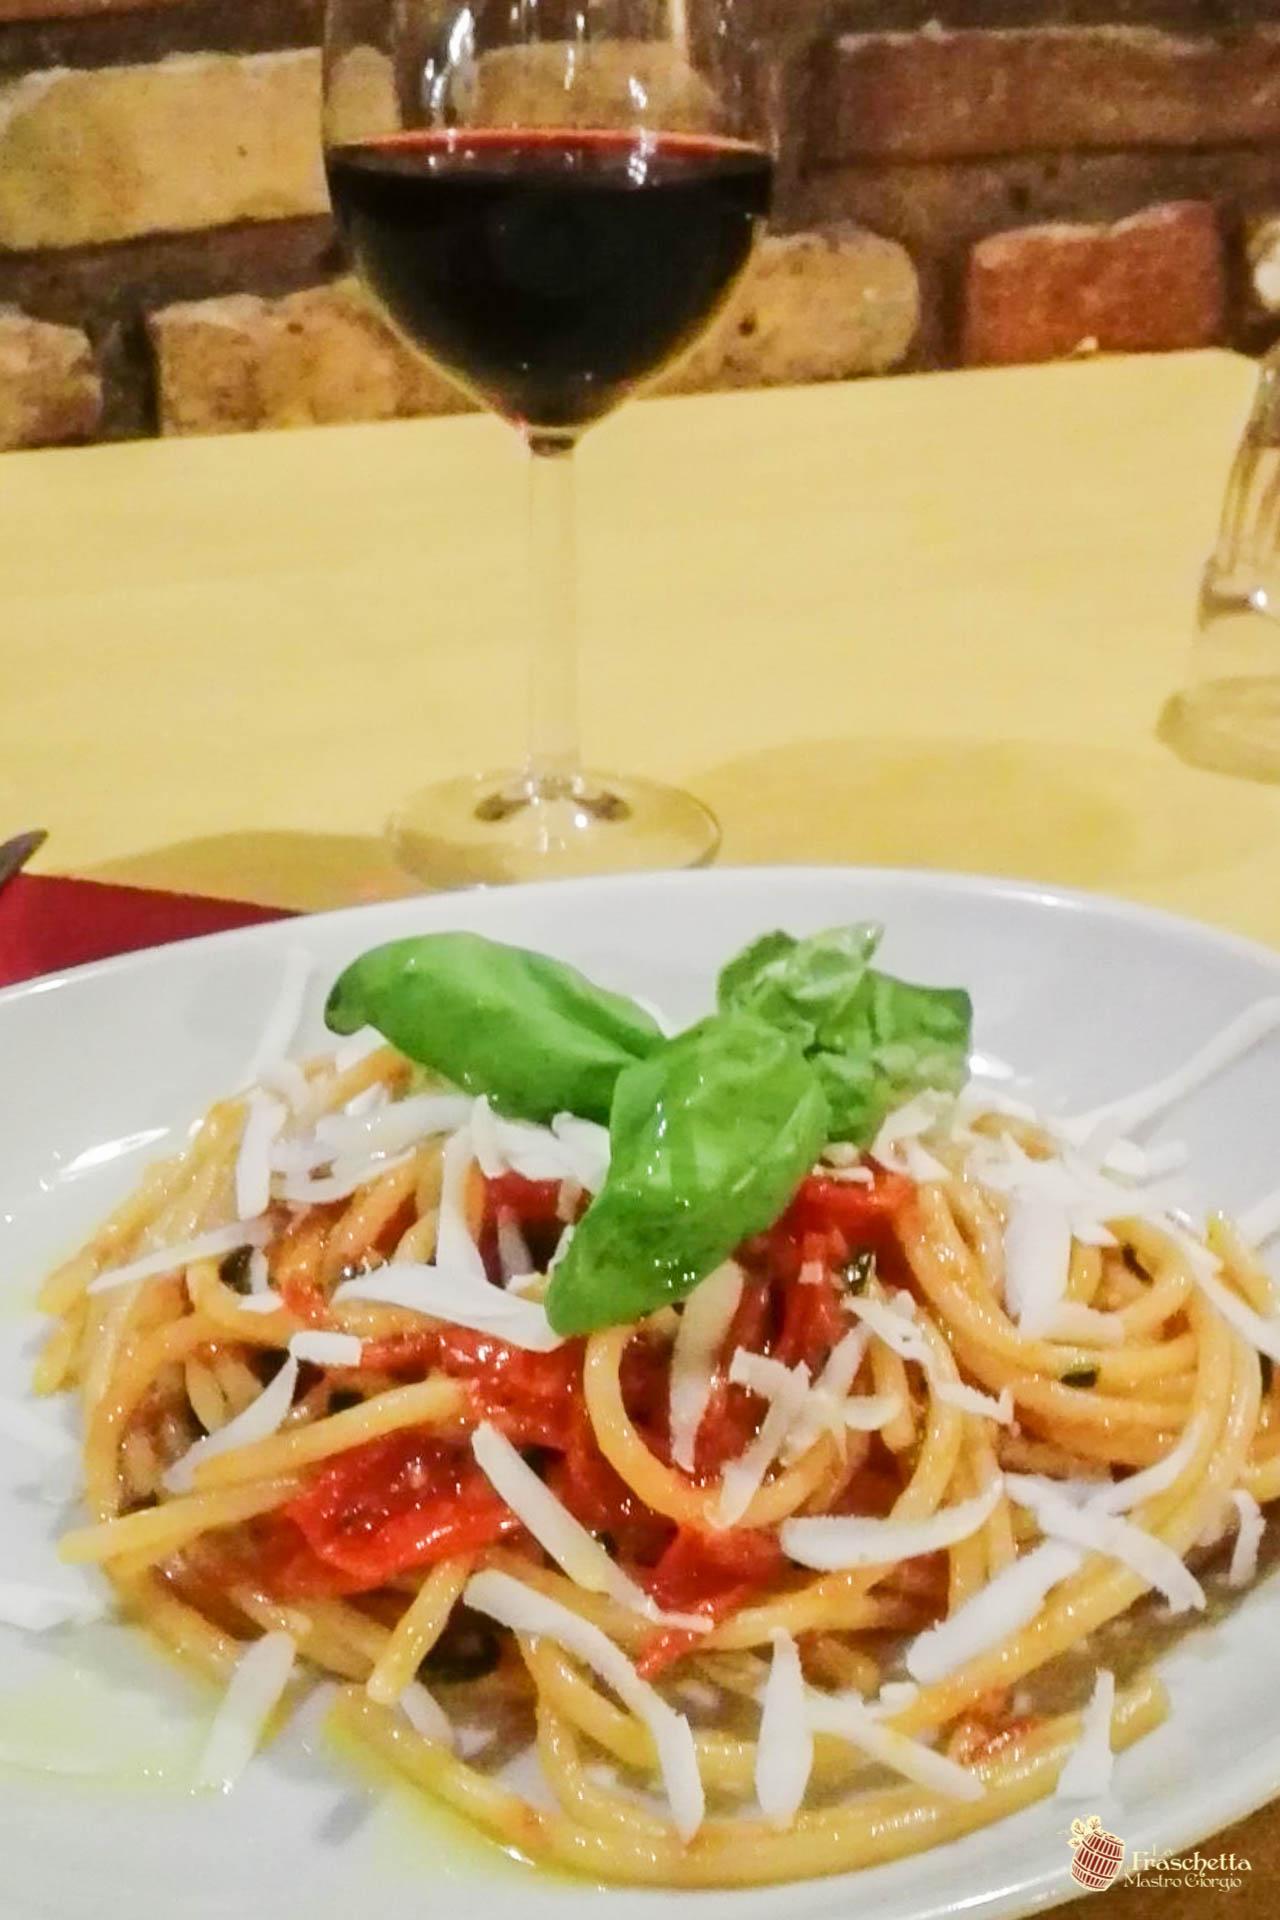 Spaghettone del pastificio Mancini con pomodoro del piennolo Dop e cacioricotta del cilento biologico